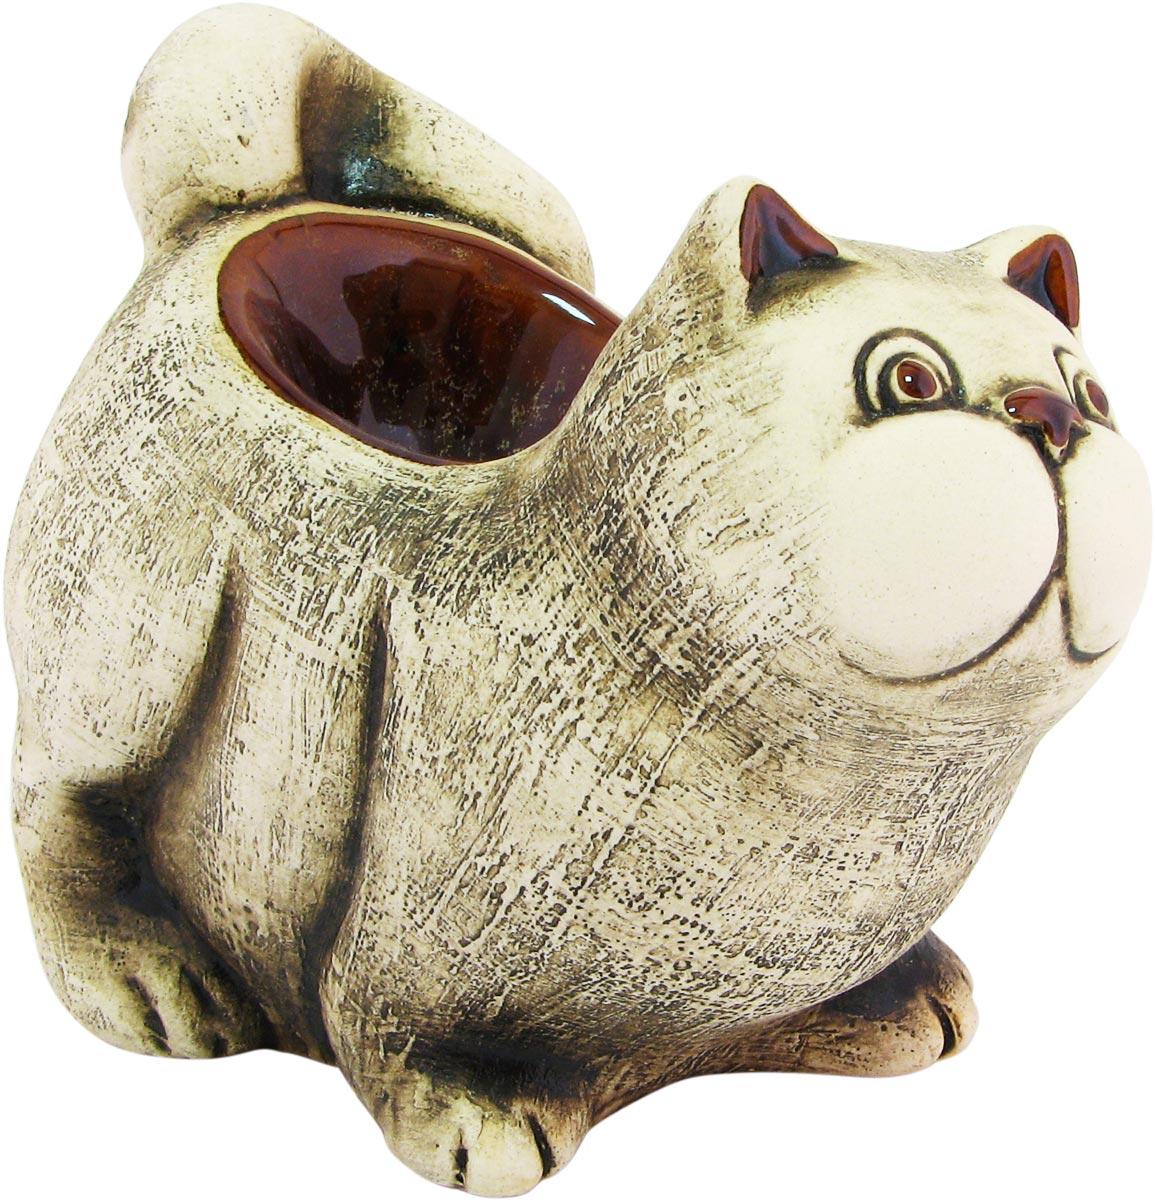 Аромалампа Котик, цвет: коричневый, 13 см аромалампа шар